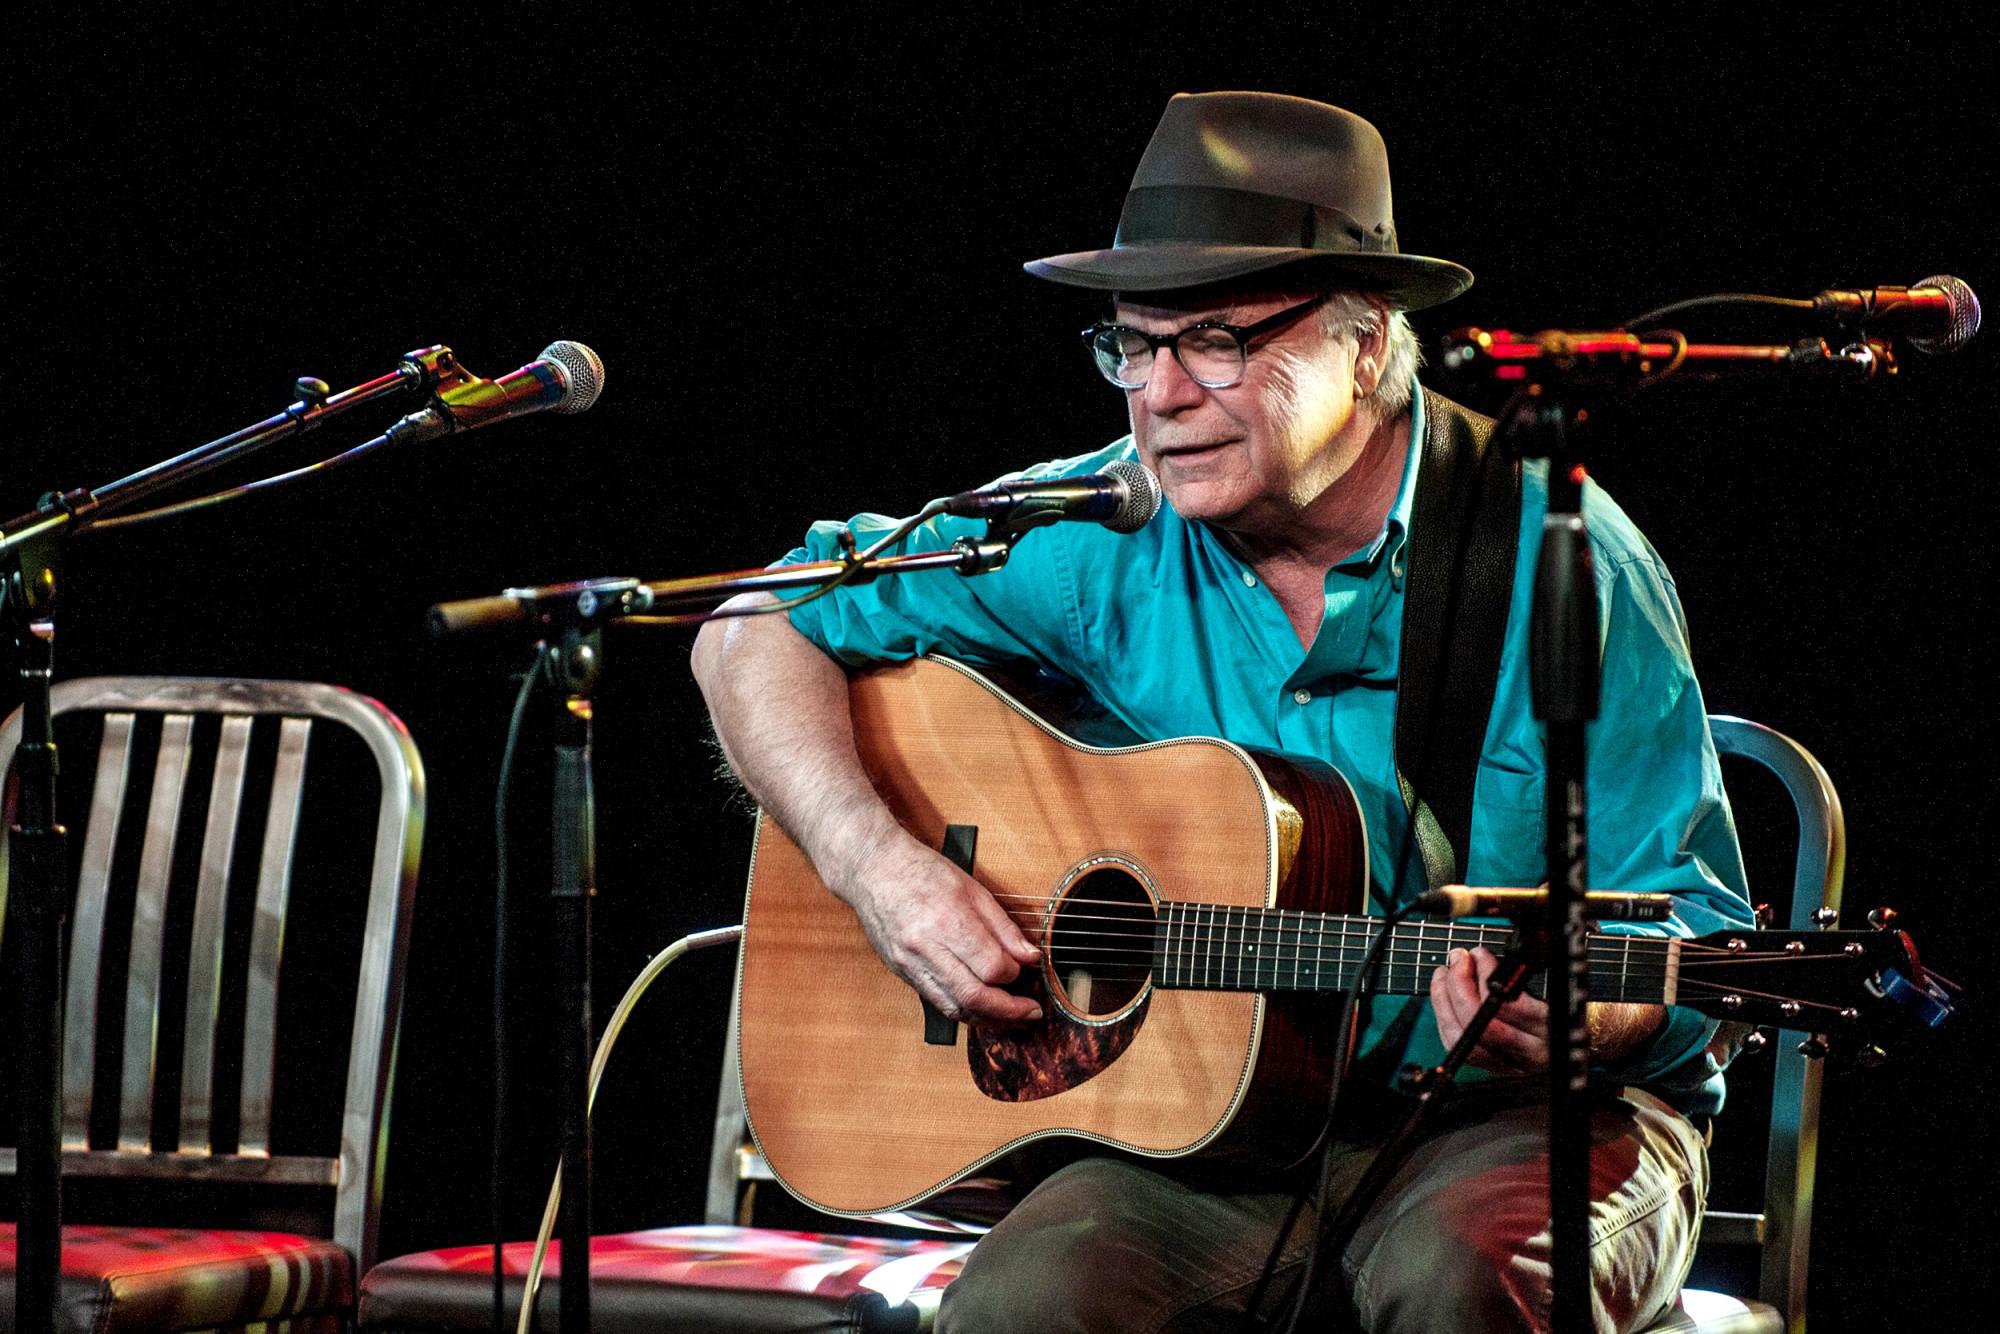 David Olney đột tử khi đang biểu diễn trên sân khấu.